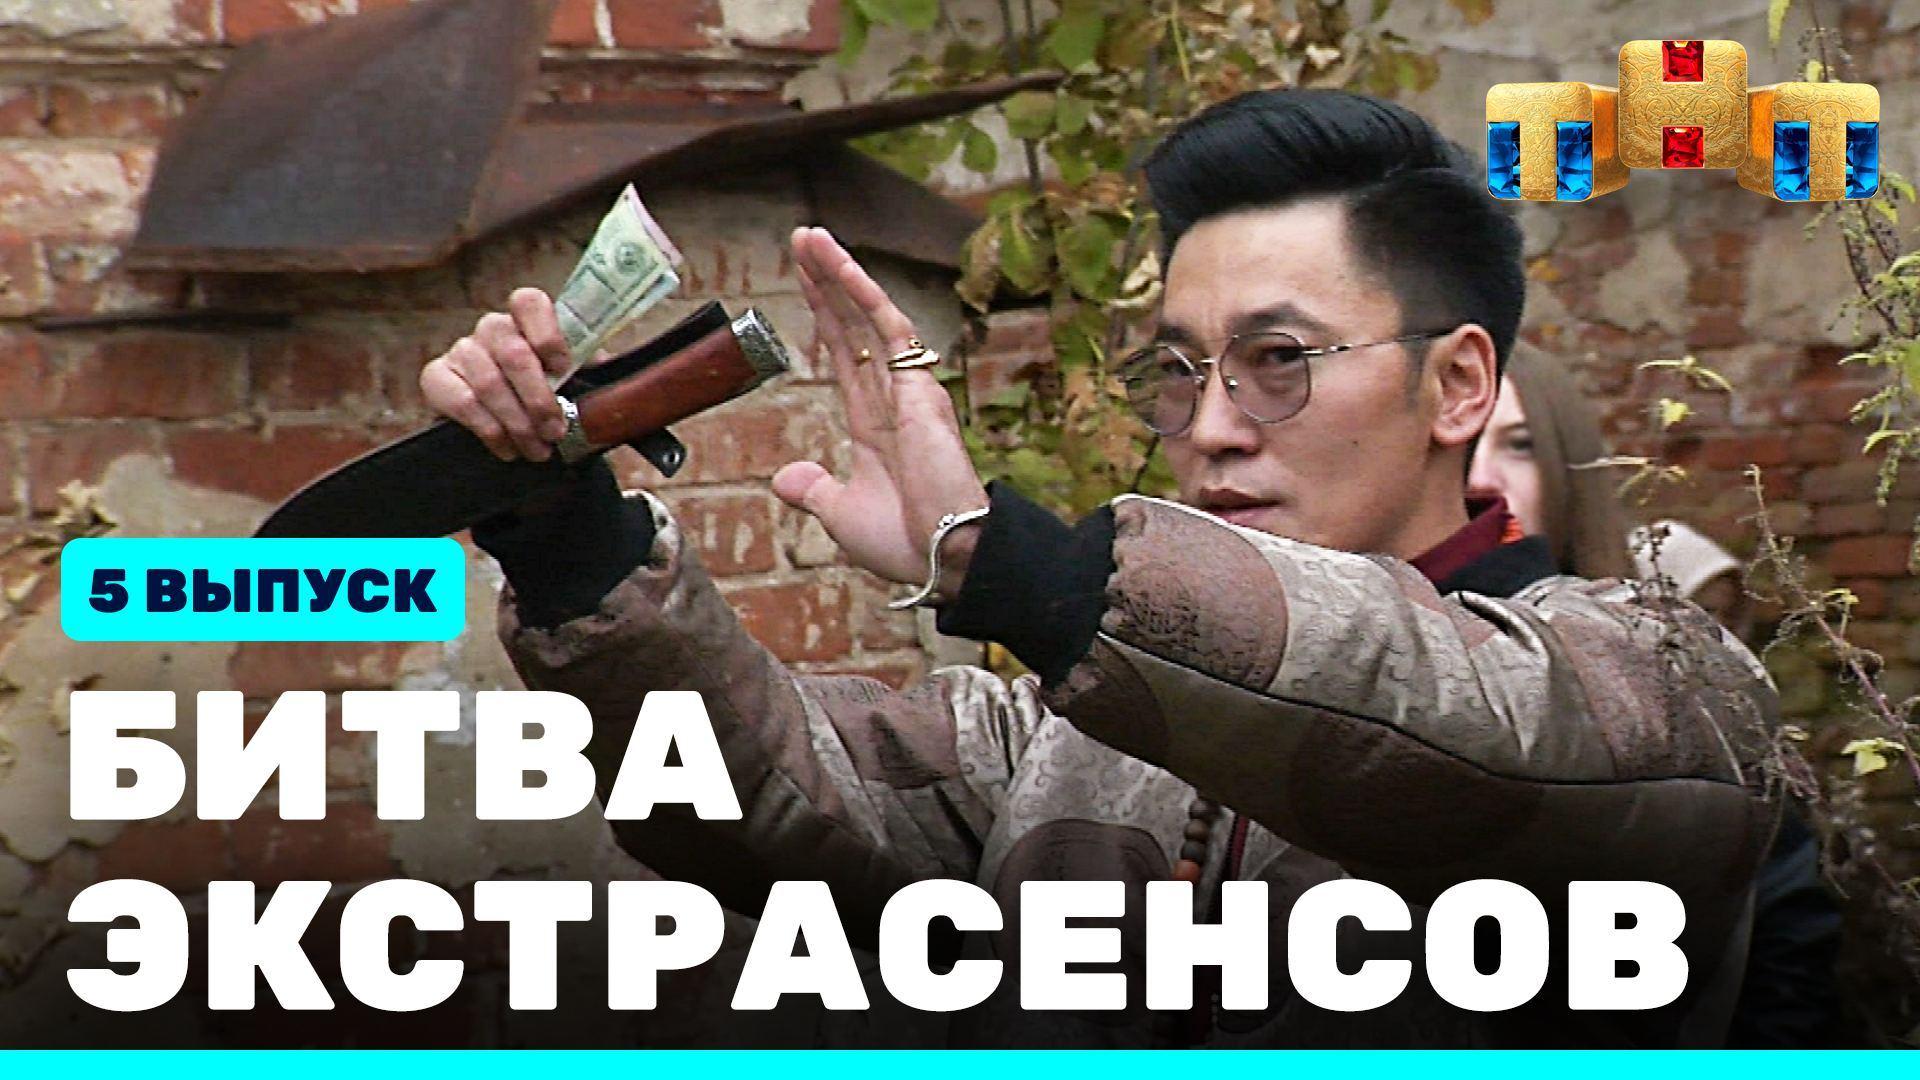 Битва экстрасенсов, 22 сезон, 5 выпуск